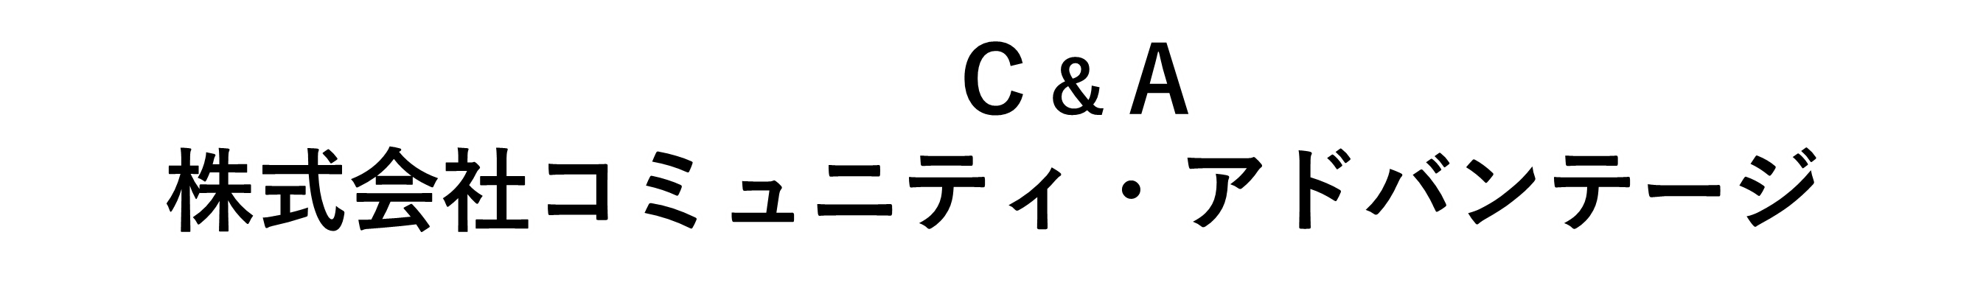 コミュニティ・アドバンテージ